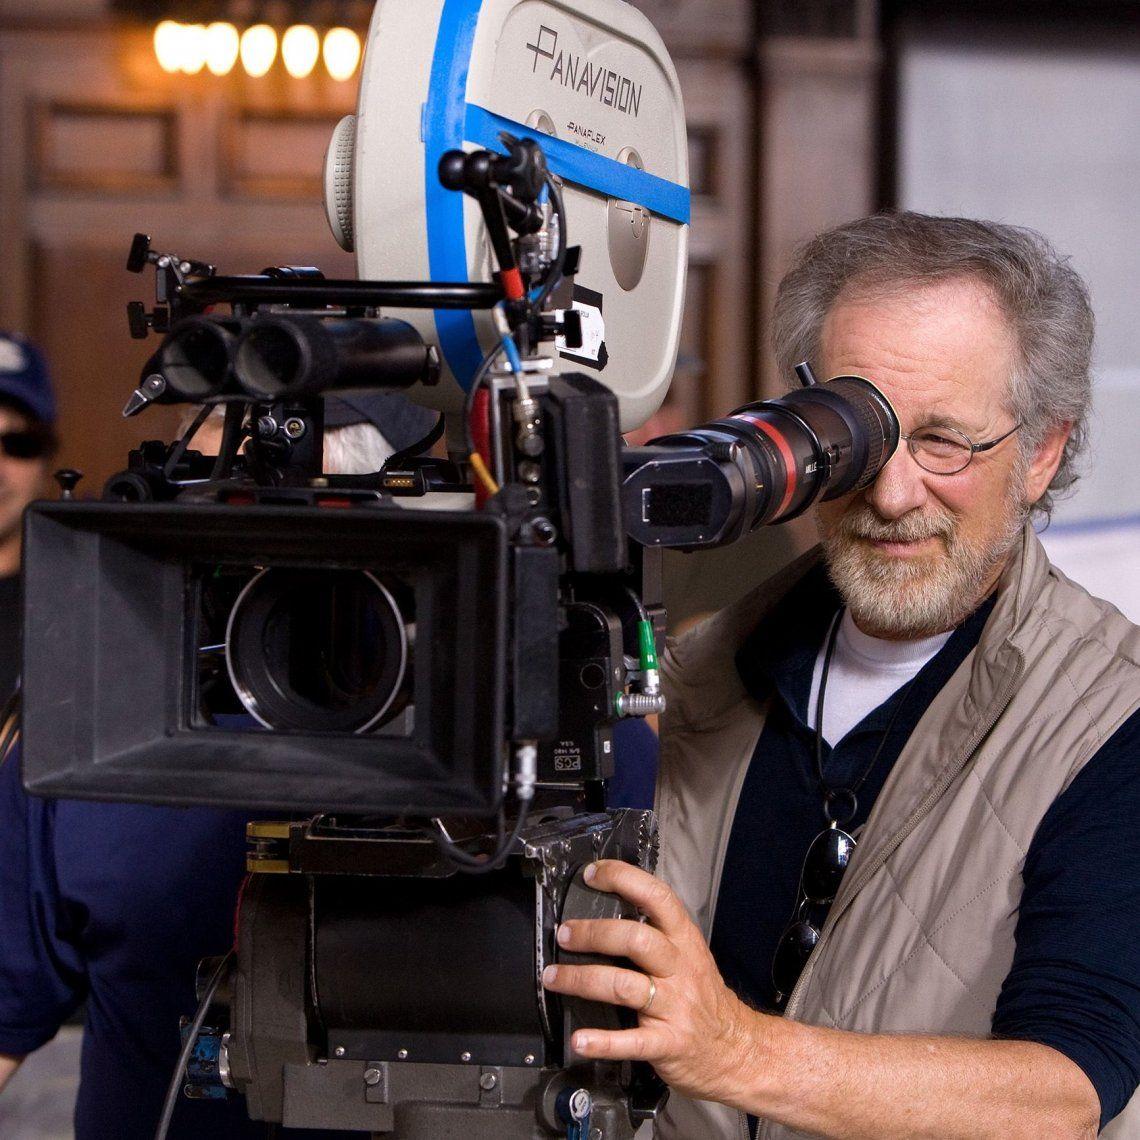 Se espera que Spielberg dirija algunos de los proyectos